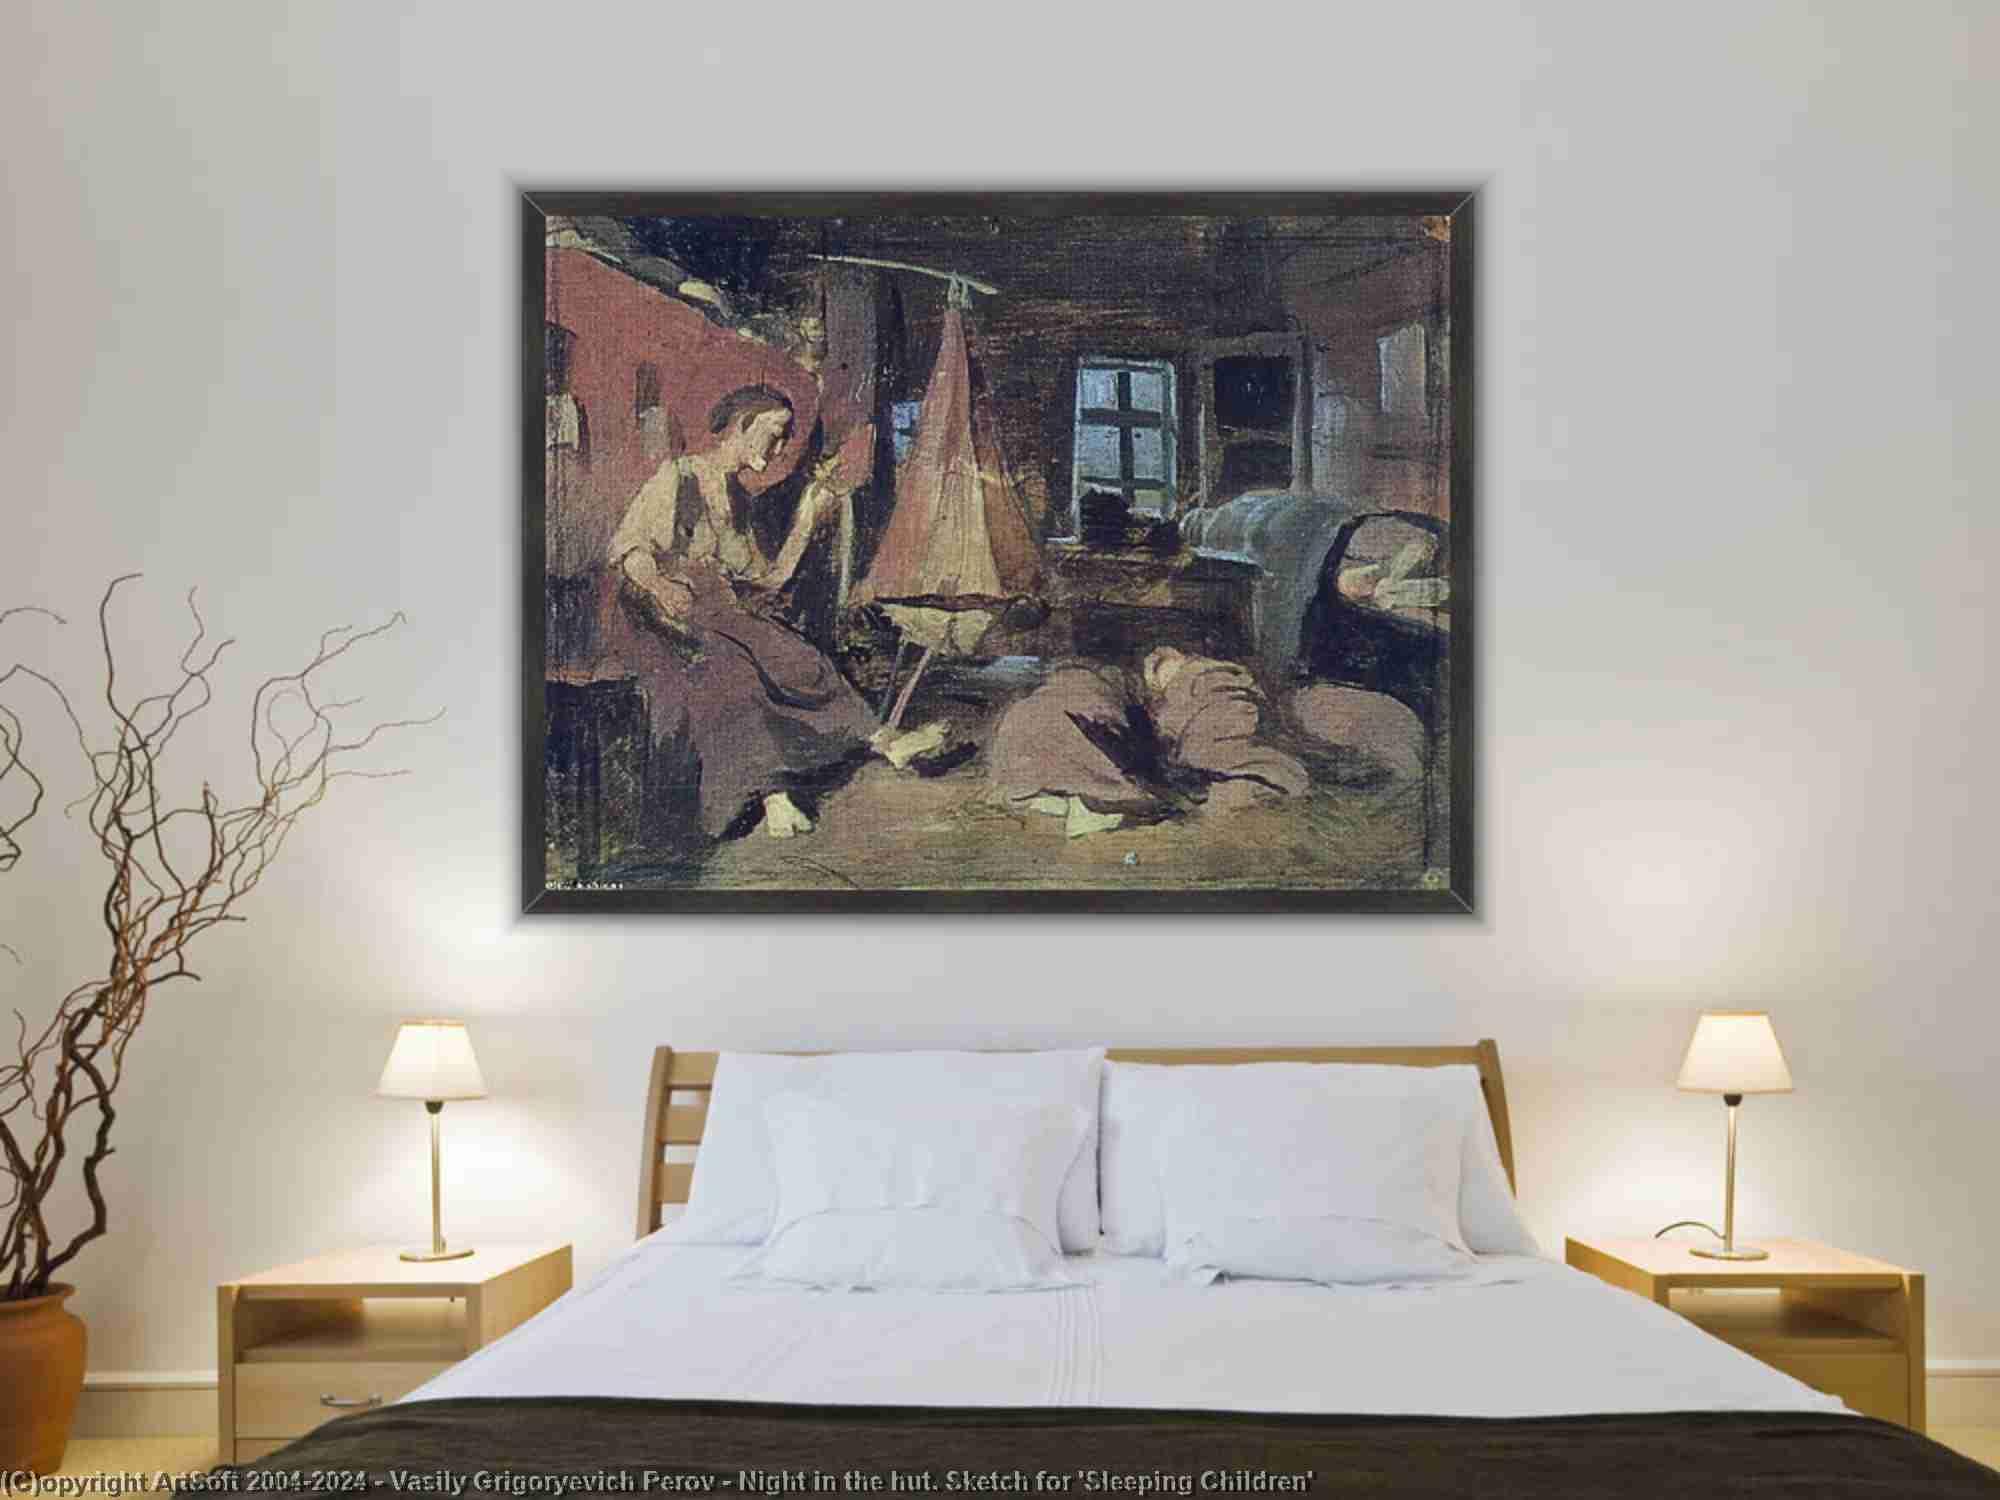 Vasily Grigoryevich Perov - Noche en la cabaña. Boceto para Sleeping Children